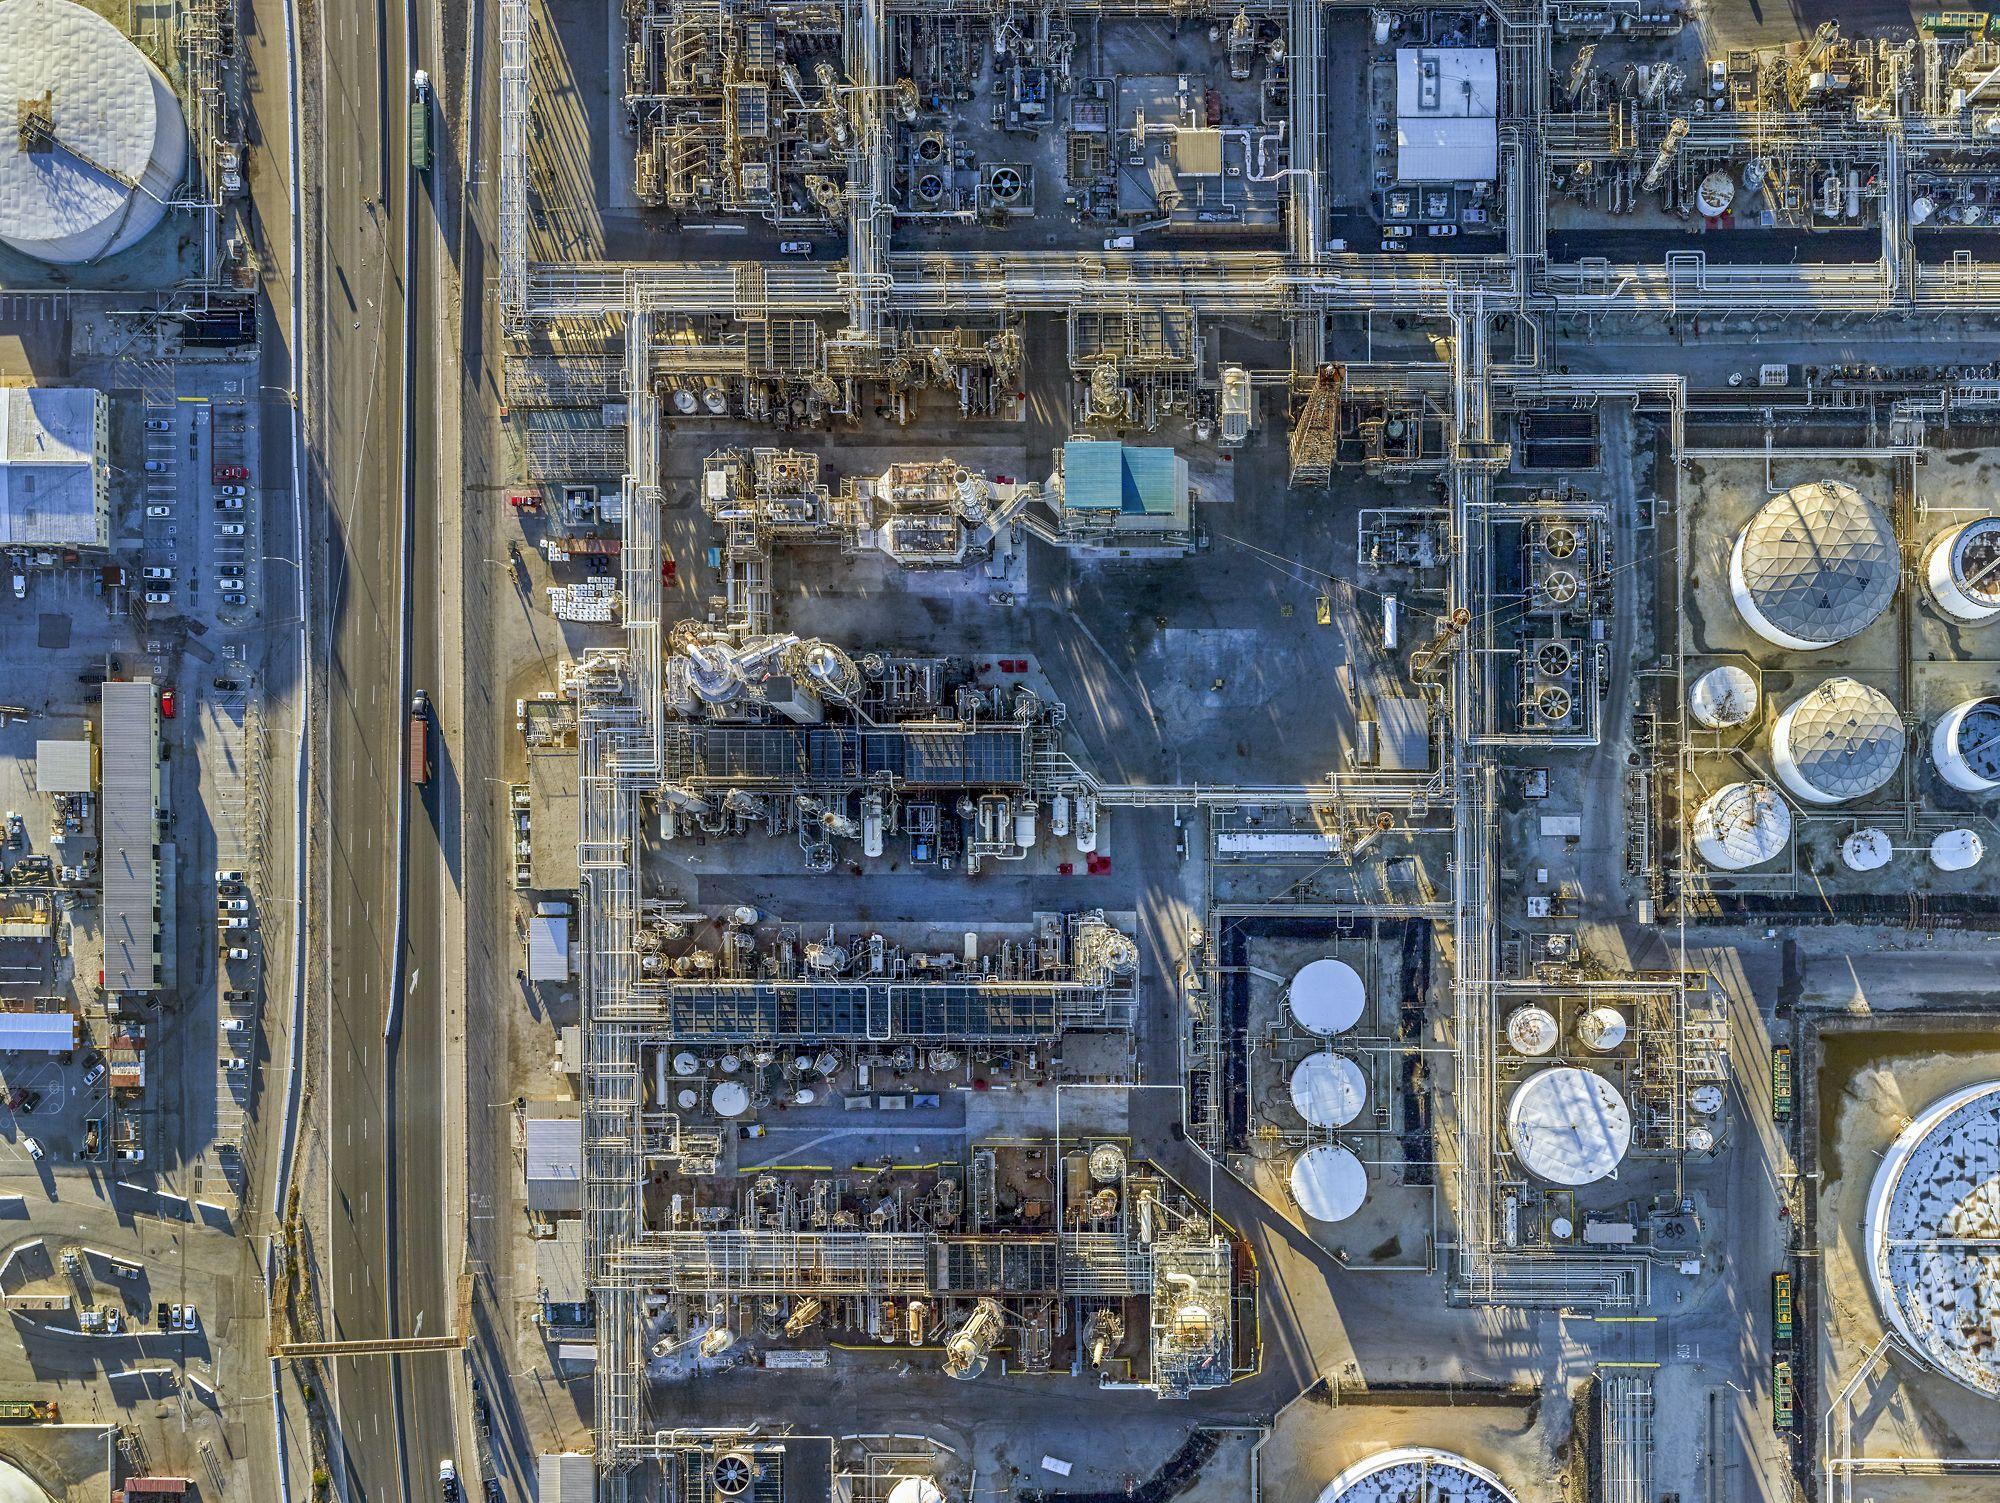 Valero Wilmington Refinery, Wilmington, Calif., 2016.